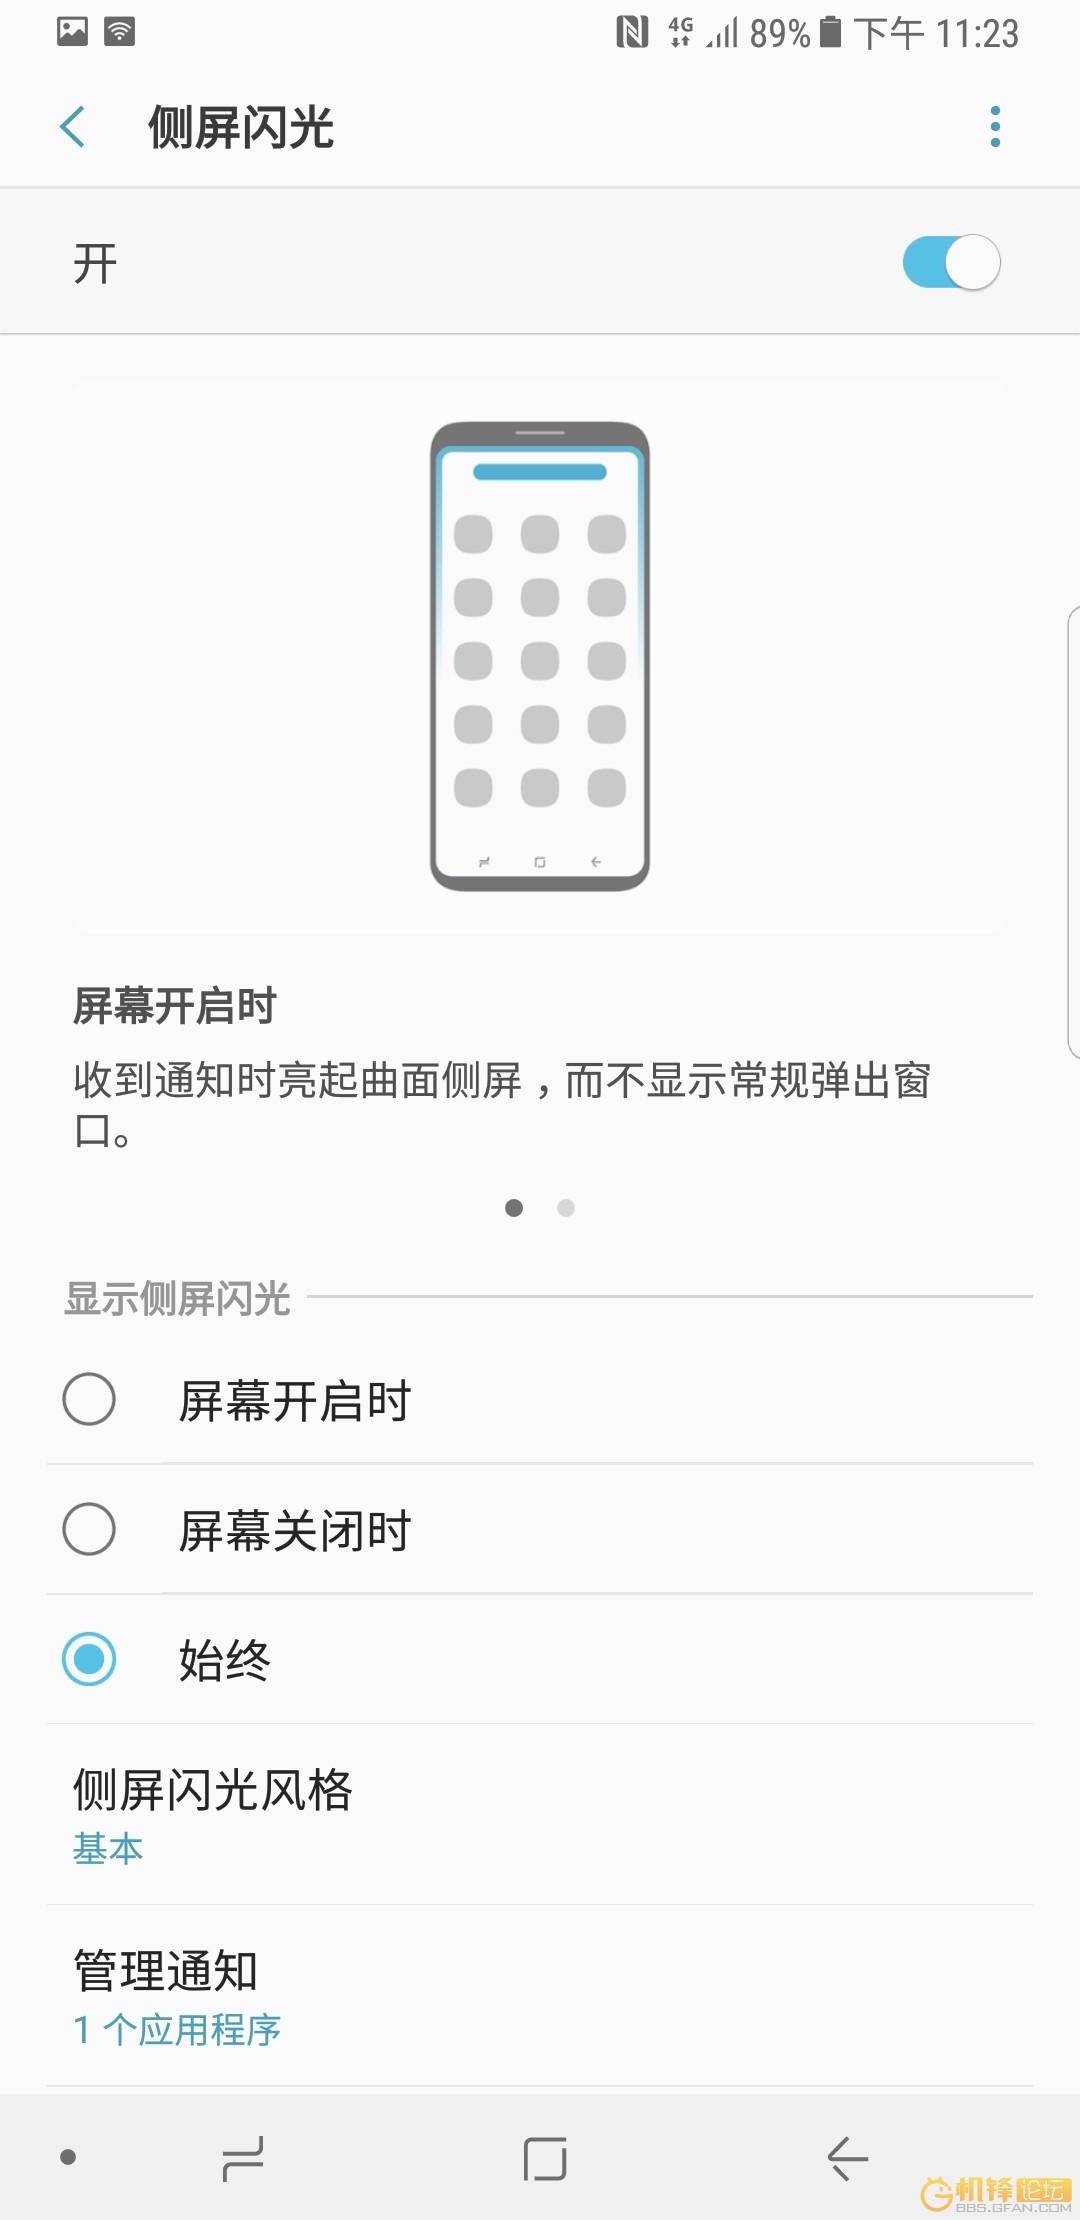 Screenshot_20171124-232358.jpg